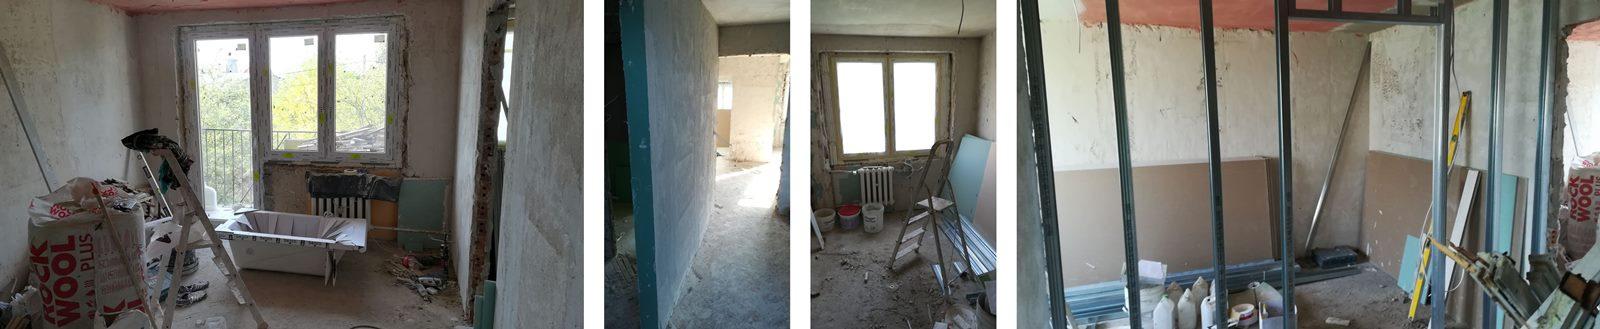 remont mieszkania od podstaw na co zwrócić uwagę co zaplanować jak przygotować sąsiadów do remontu mieszkana w bloku 50m2